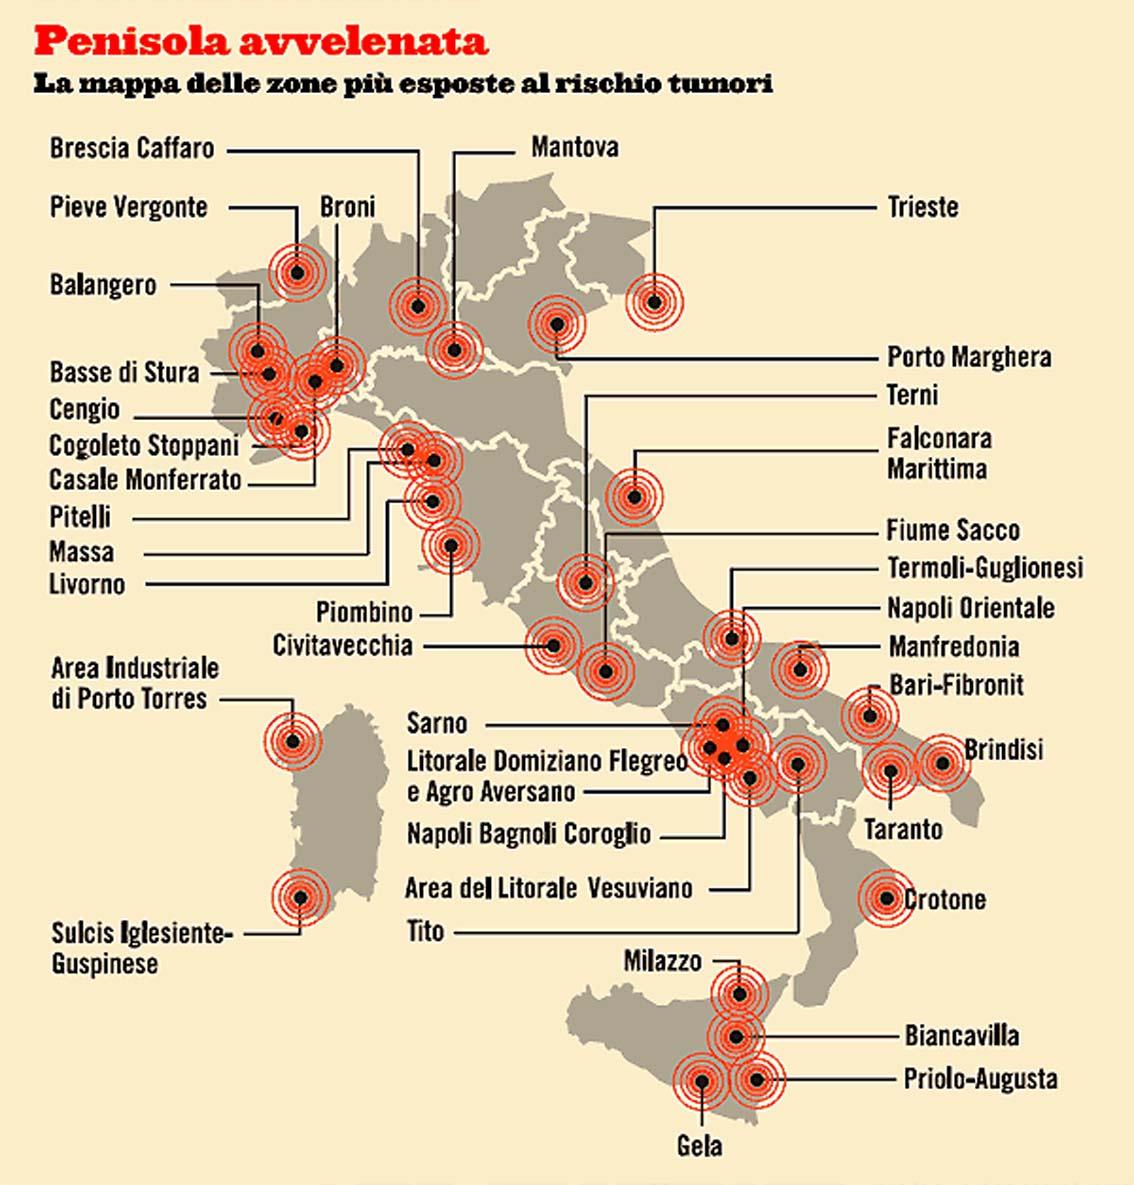 Ministero della Salute: Le 44 aree d'Italia più inquinate e a rischio tumori